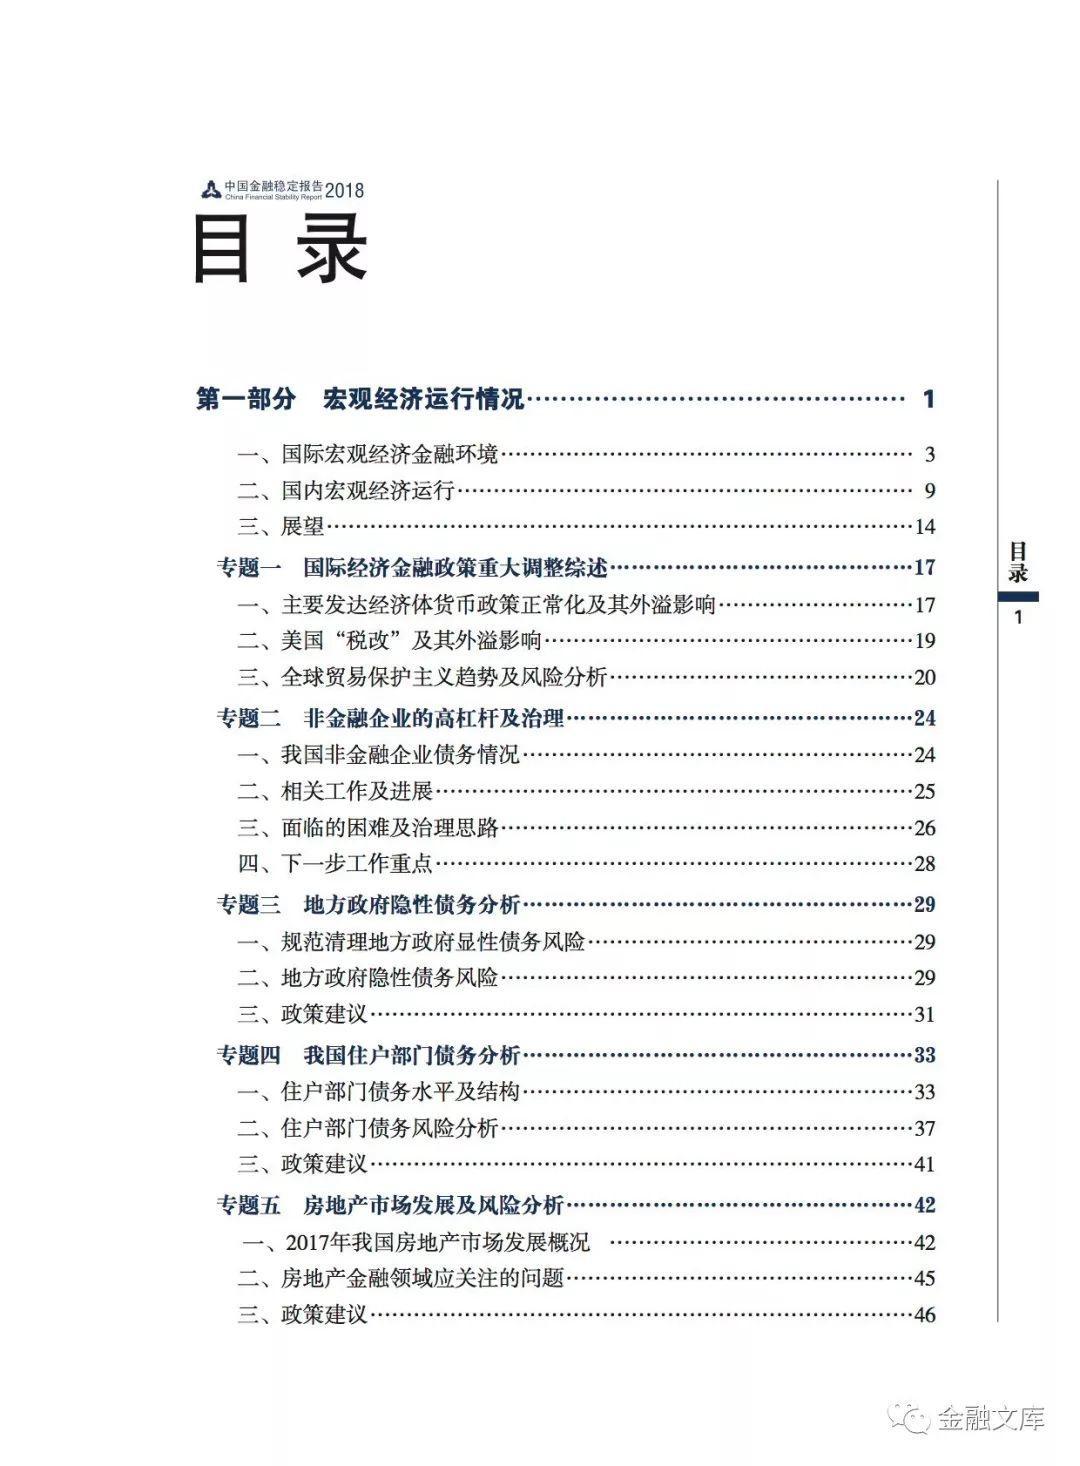 中国人民银行发布《中国金融稳定报告(2018)》